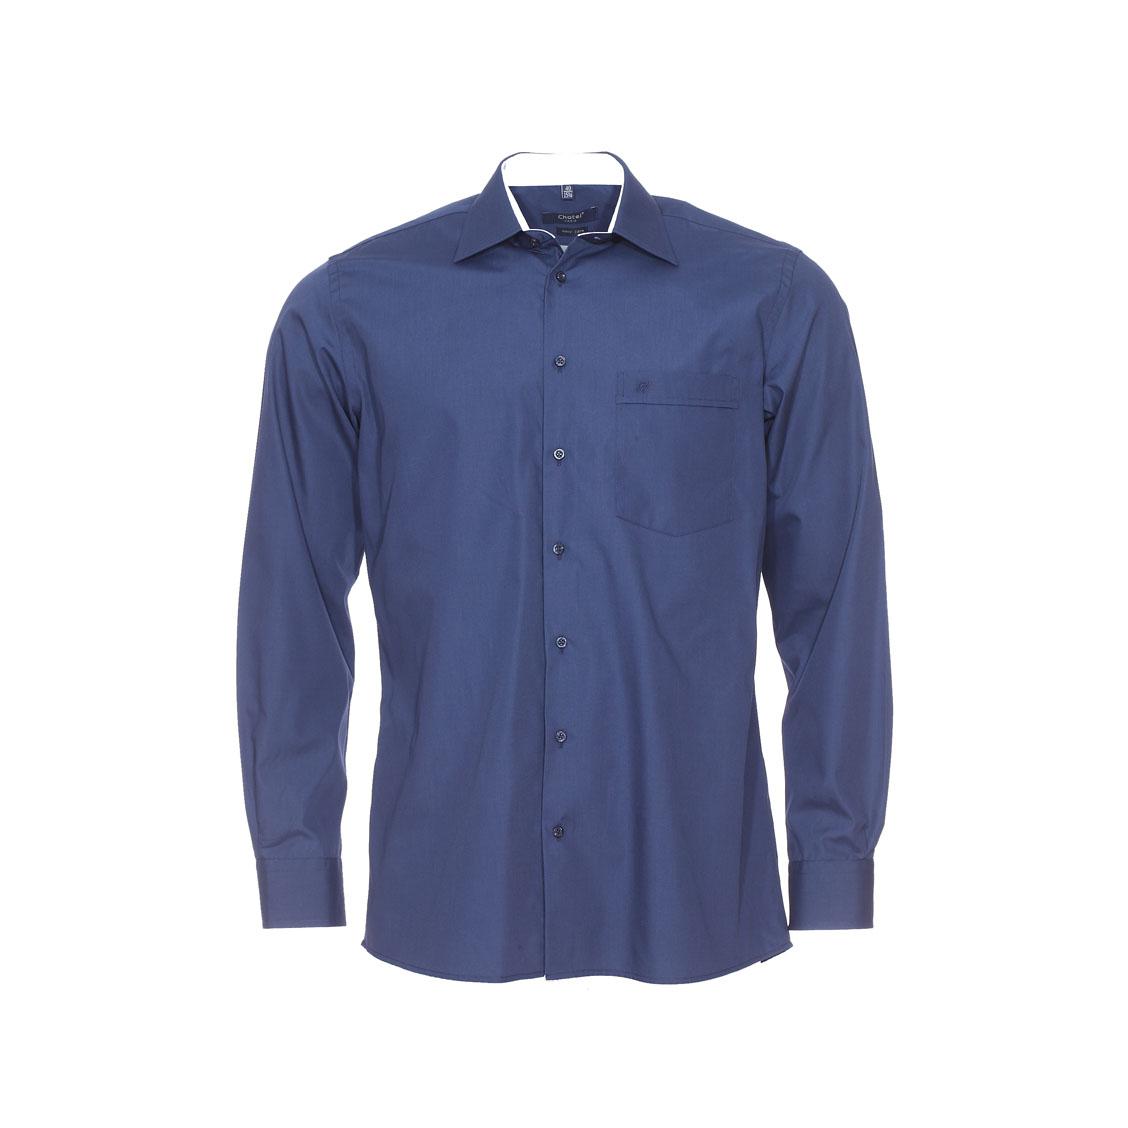 Chemise ajustée jean chatel bleu marine à opposition blanche à carreaux, repassage facile